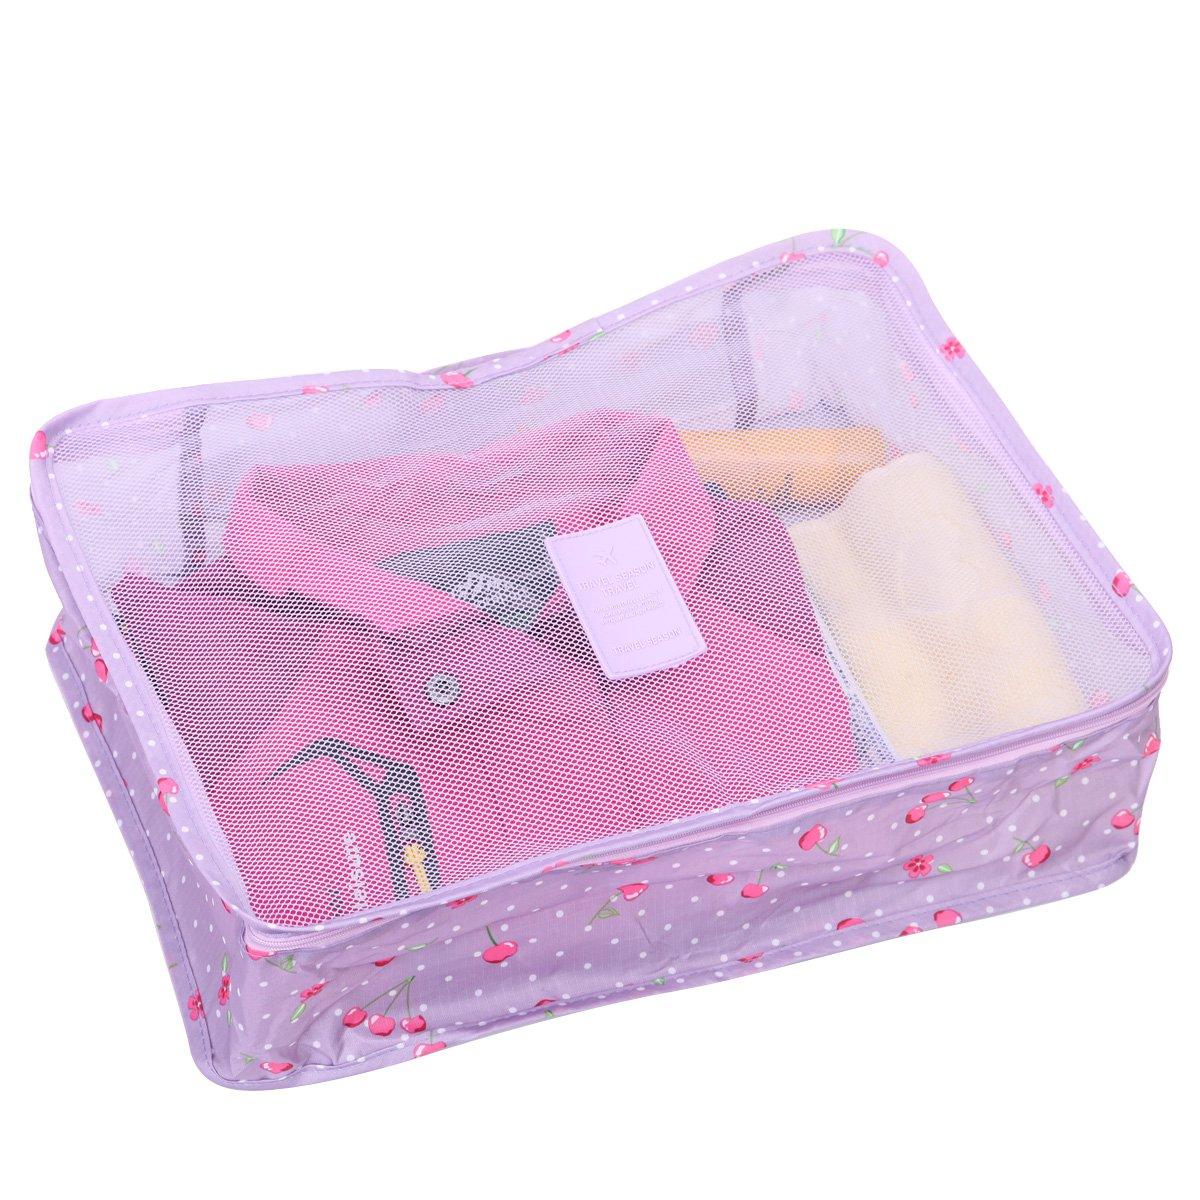 Eshow cajas de carton almacenaje con tapa multifuncional de poliester con gran tamano bolsos a mano para mujeres al viaje: Amazon.es: Hogar